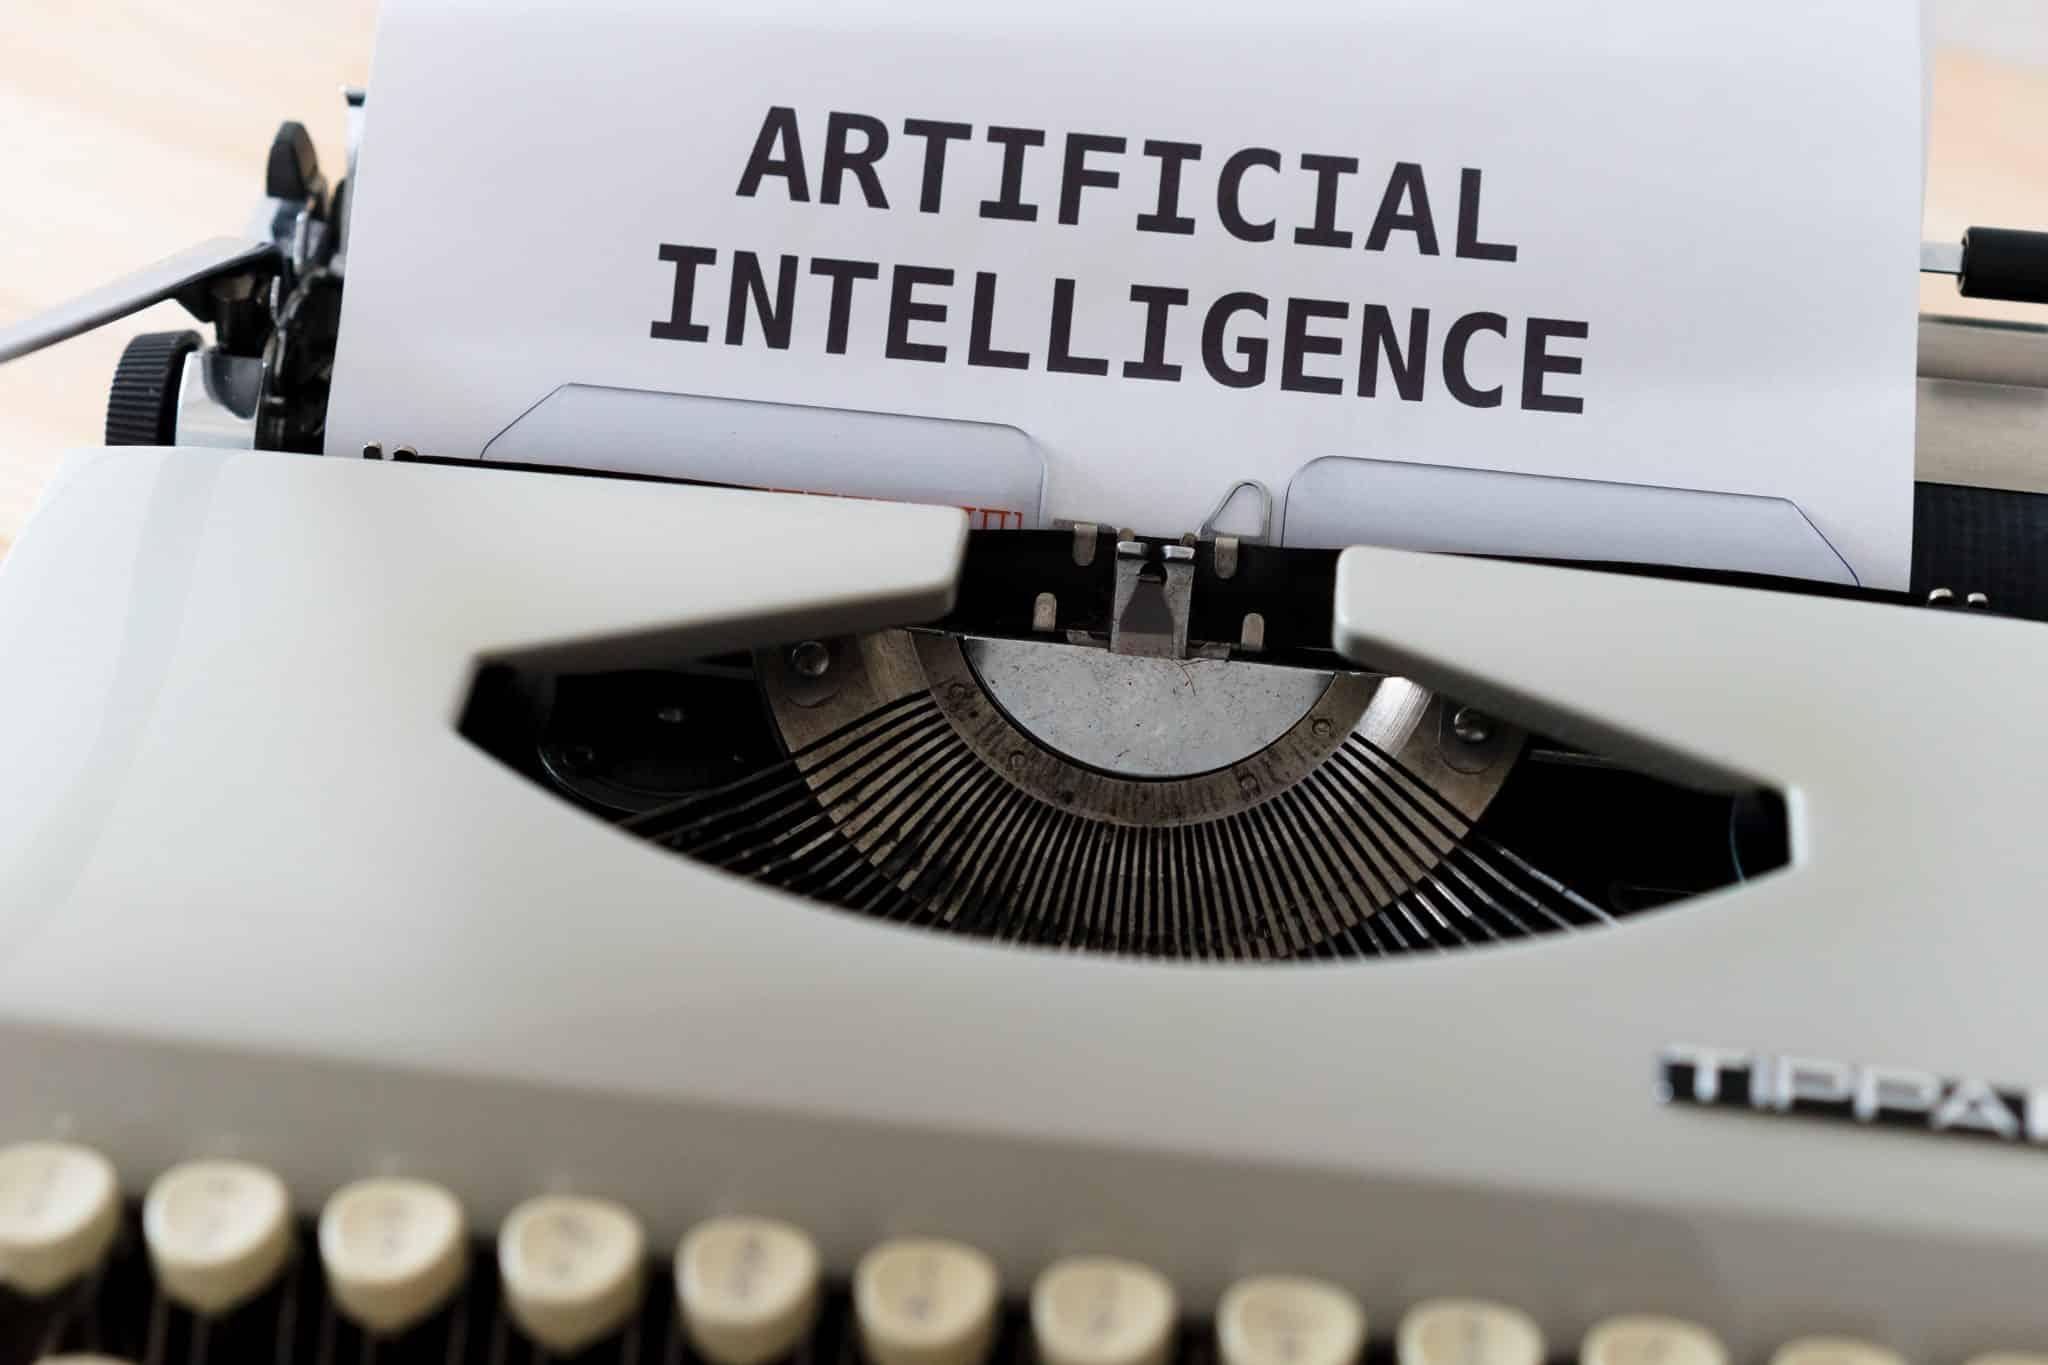 artificial intelligence typewriter